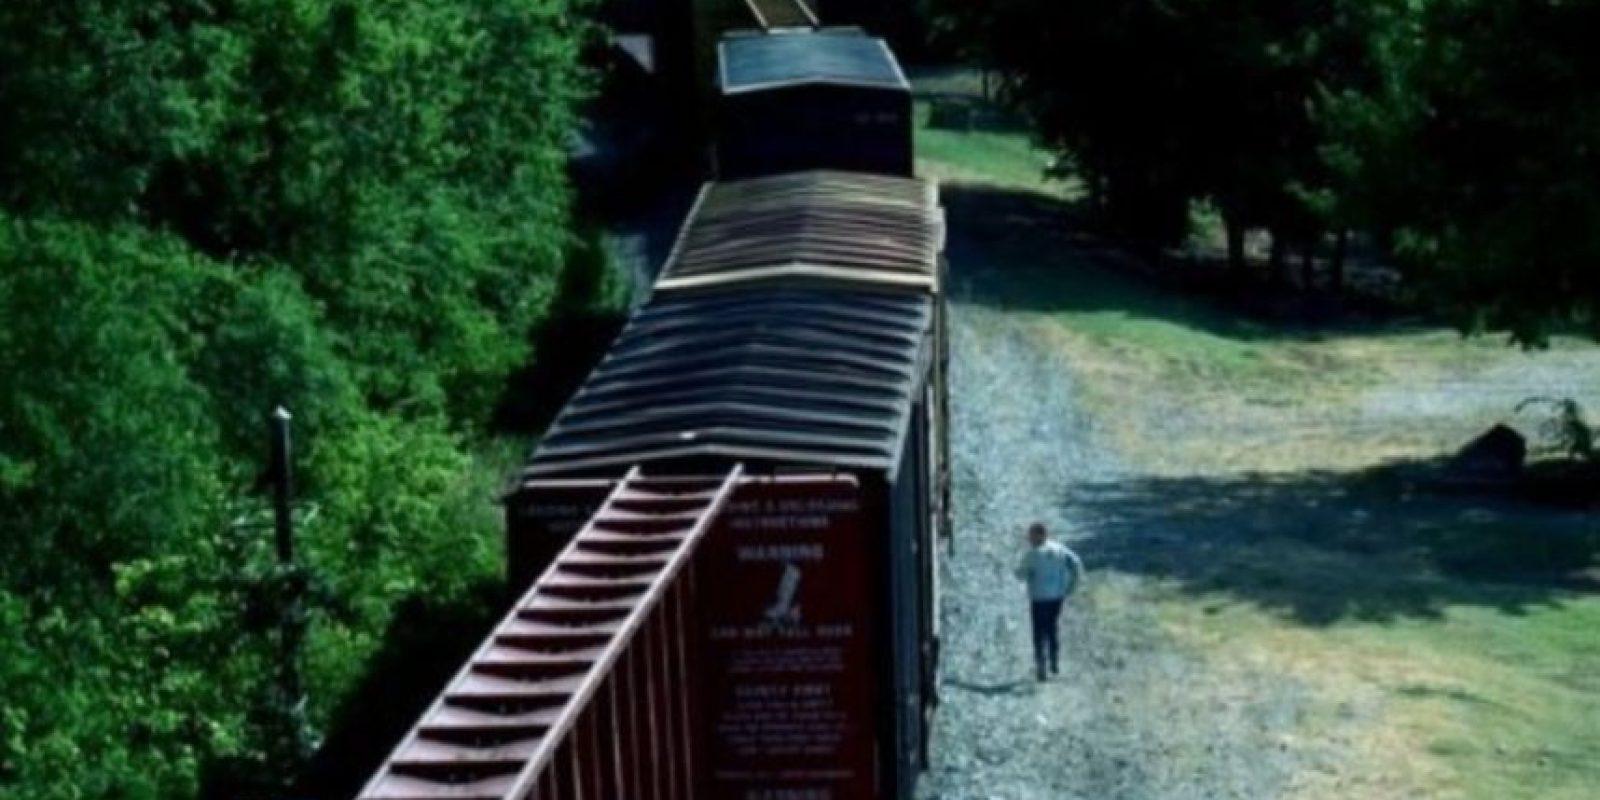 """En esa cárcel estuvo preso John Wayne Gacy, uno de los asesinos en serie más famosos de Estados Unidos y su celda fue la elegida para albergar al personaje de """"Lincoln"""" (Dominic Purcell) Foto:IMDB"""